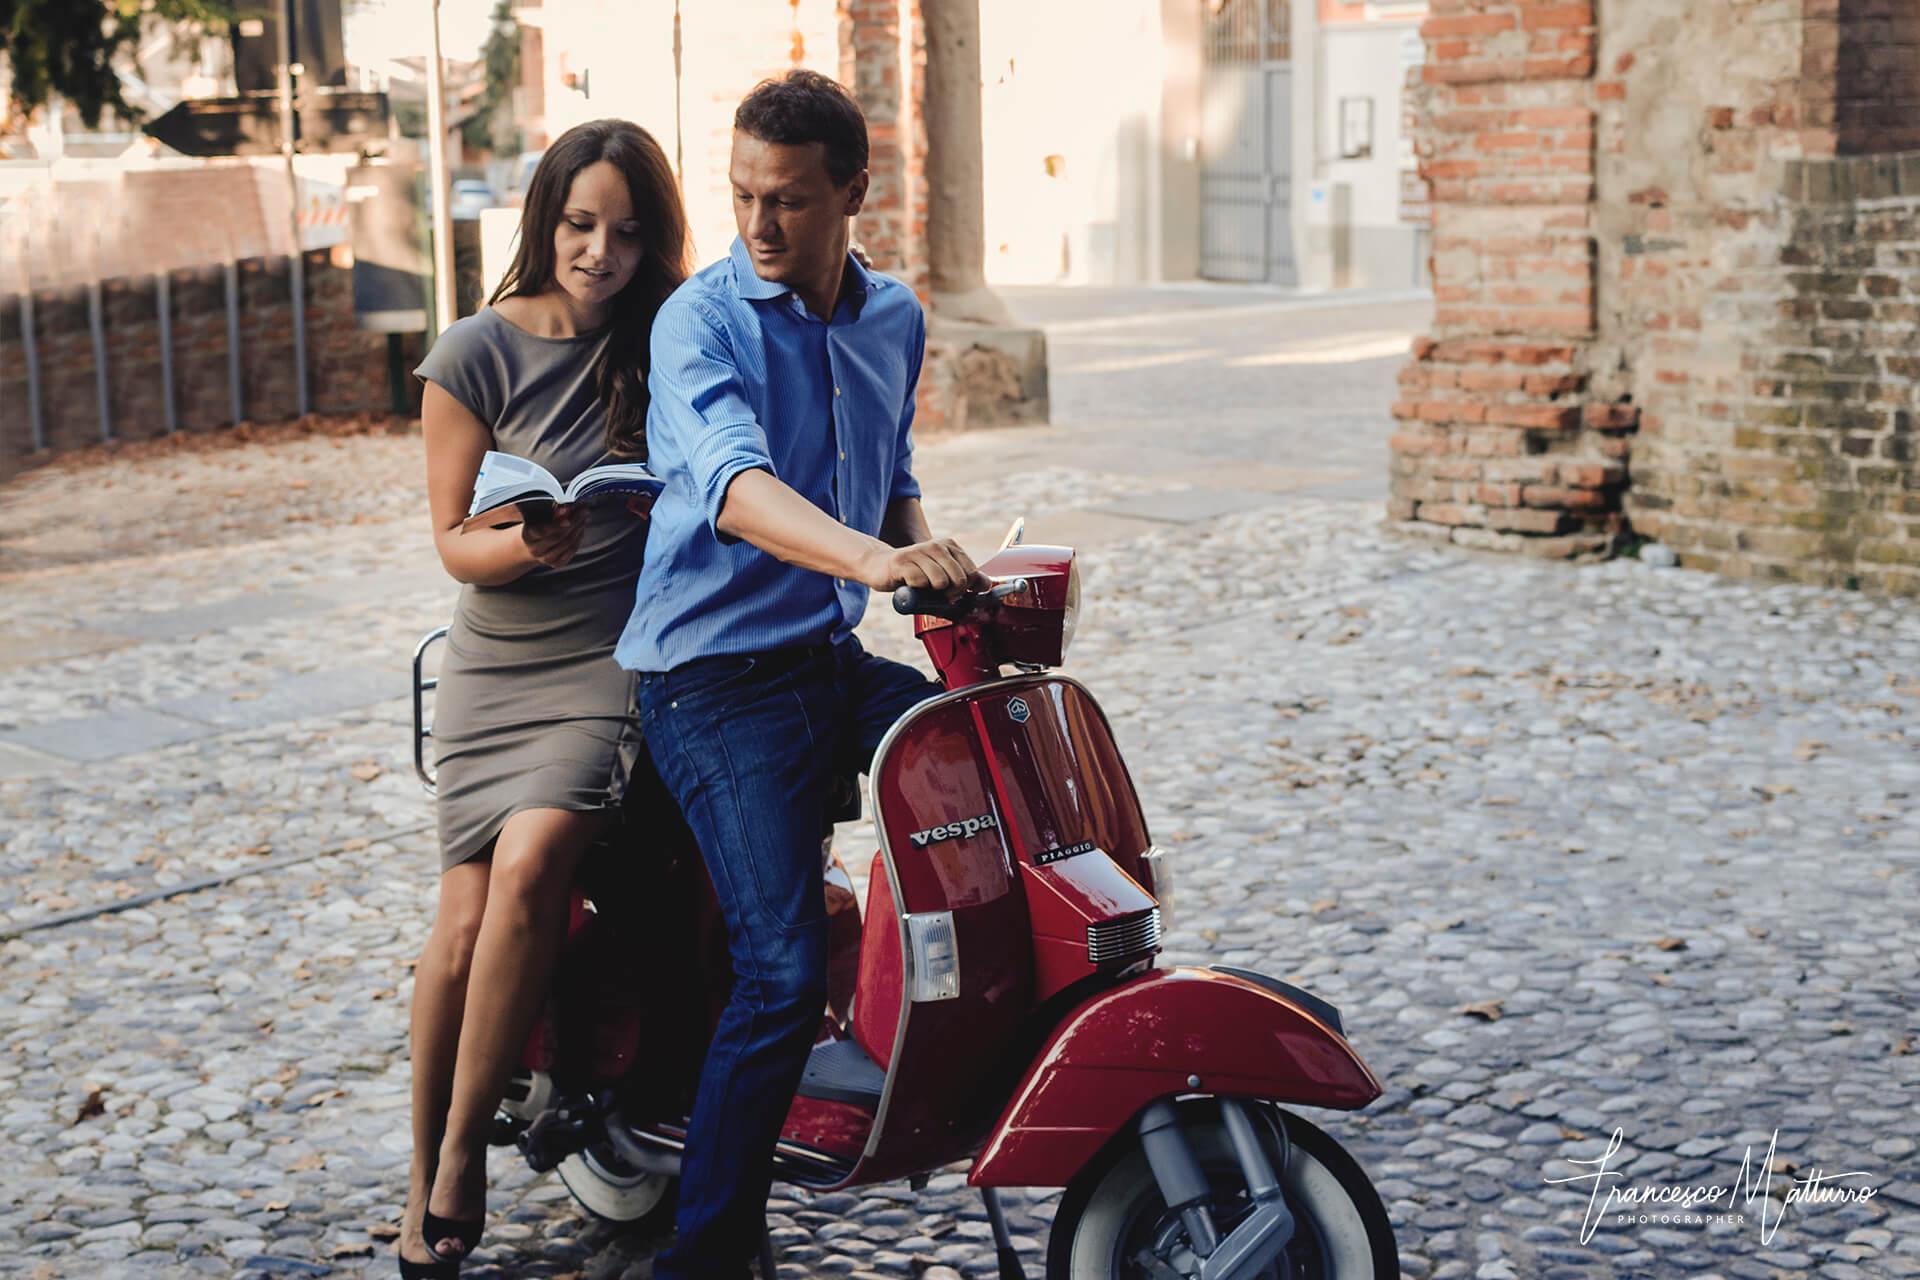 Servizio fotografico pre-matrimoniale di una coppia in sella ad una Vespa per le colline piemontesi ad Asti di Francesco Matturro